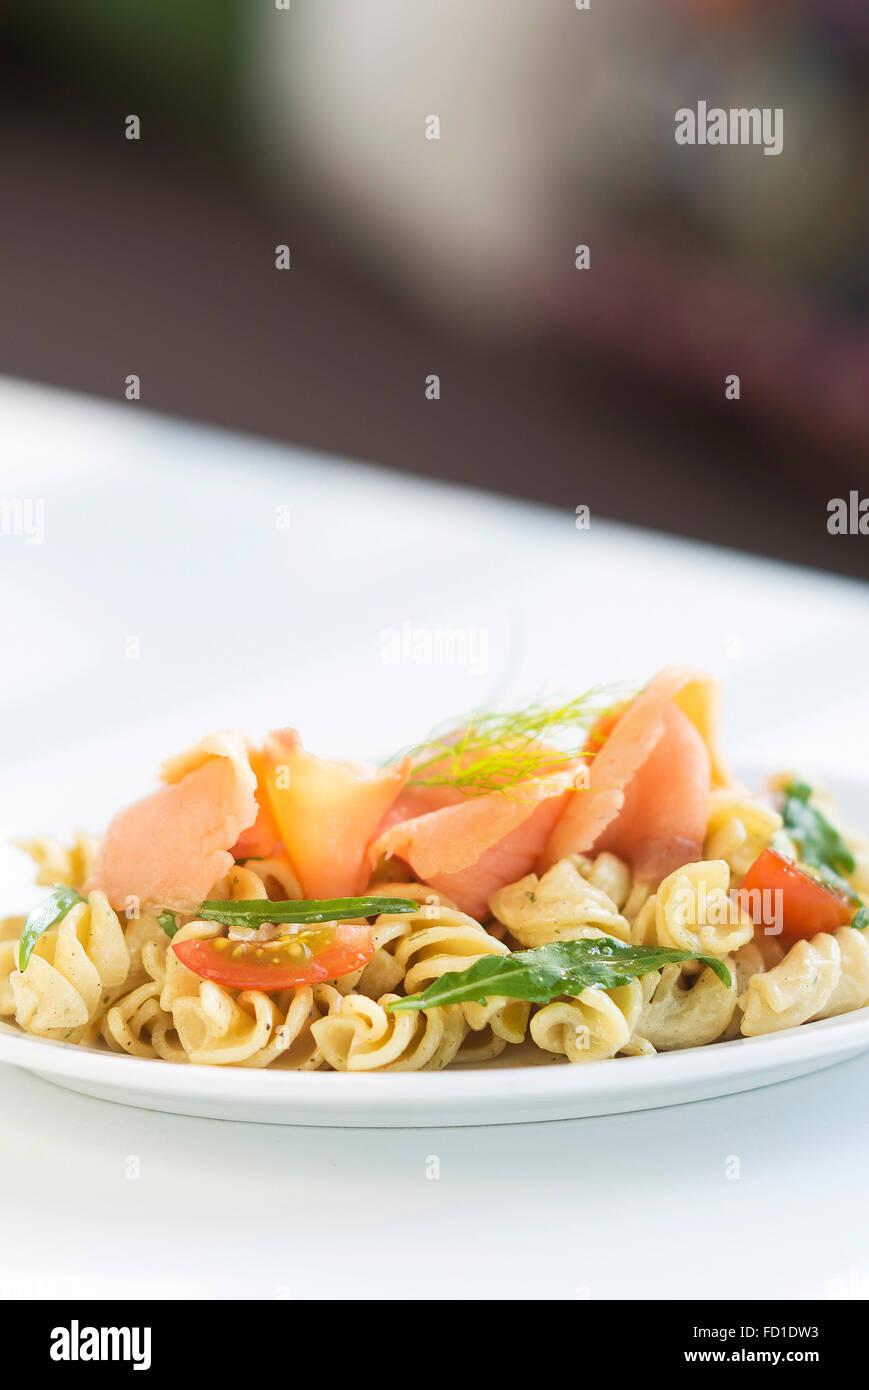 Salmone affumicato di pomodoro e rucola pasta crema Immagini Stock